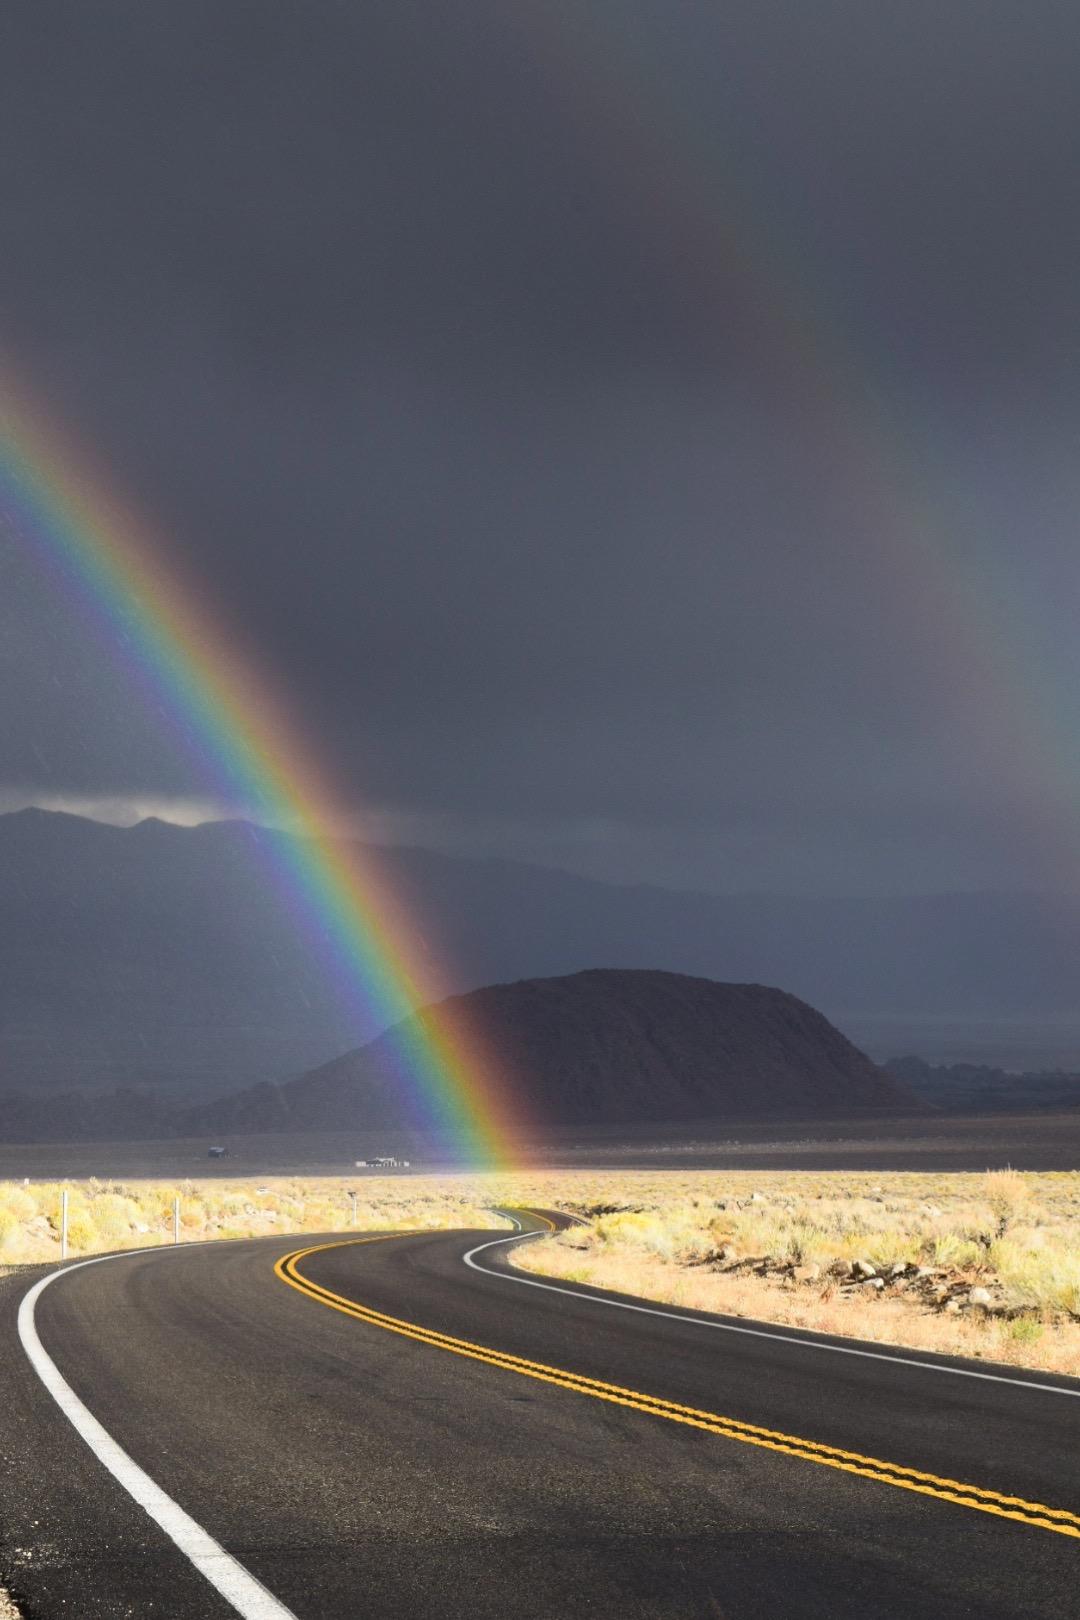 A double rainbow.